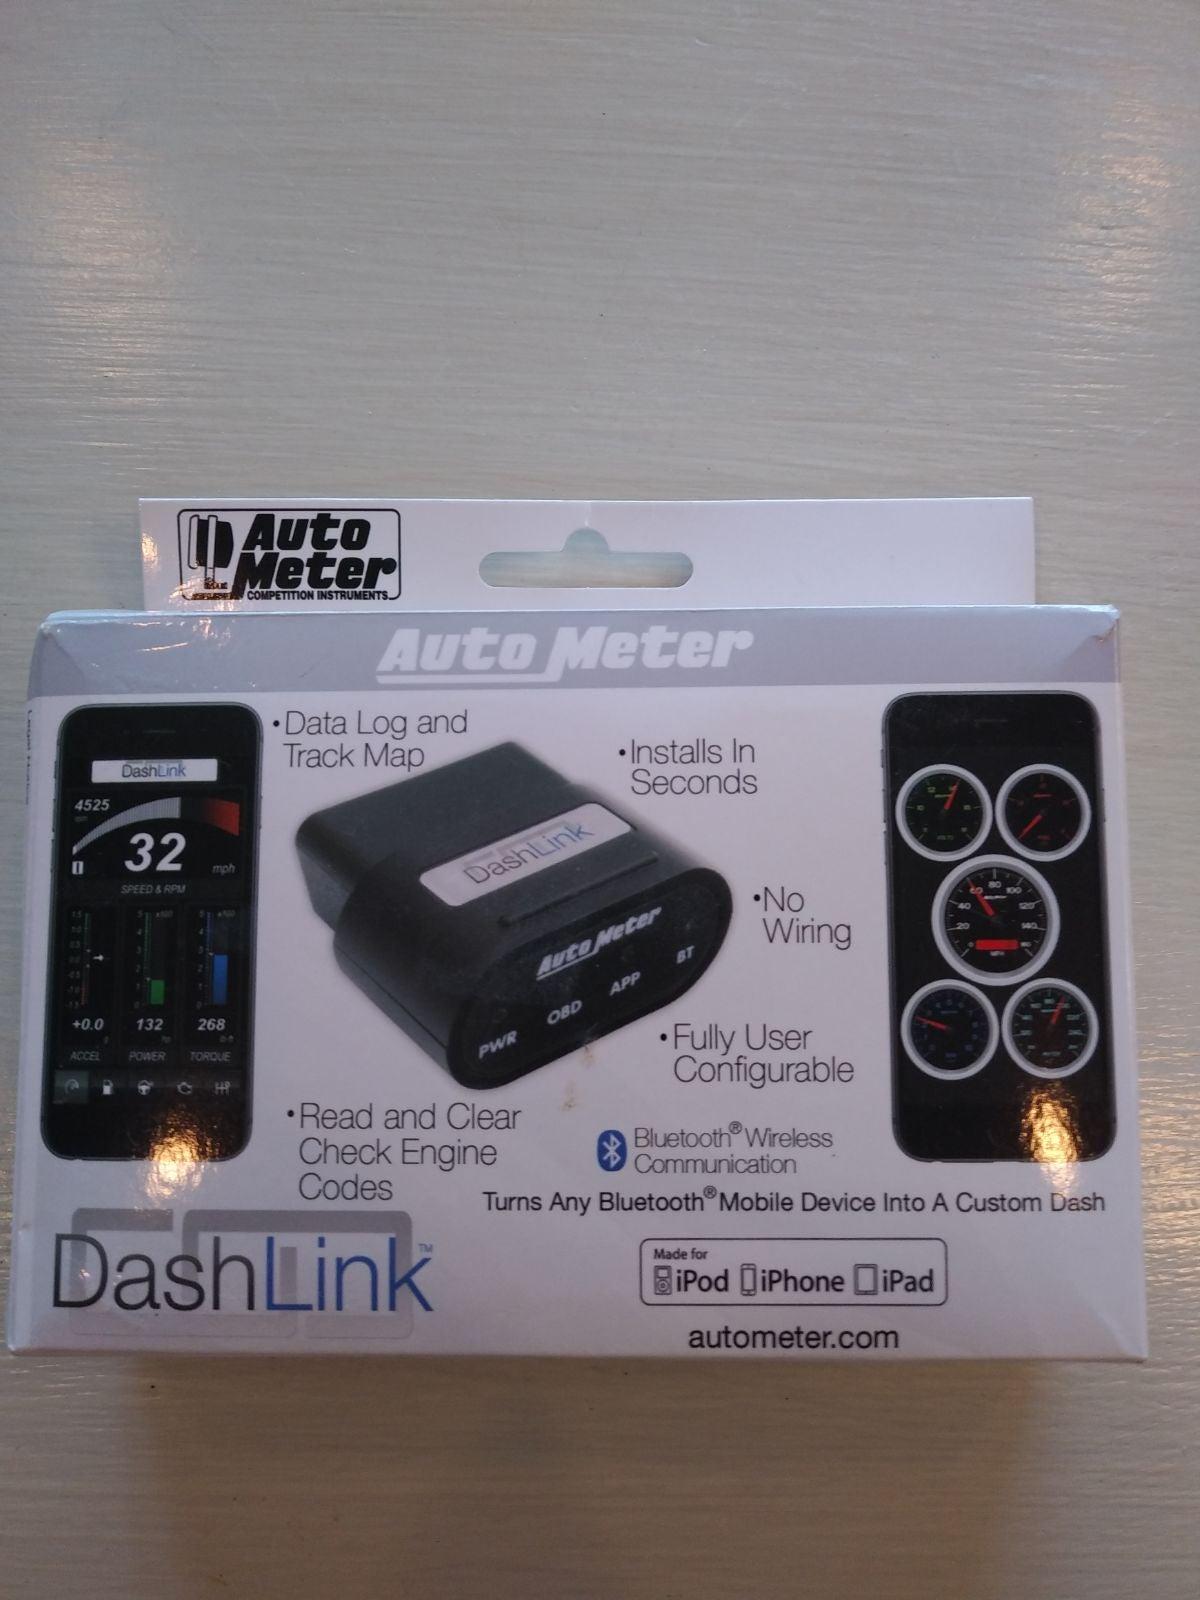 Auto Meter Dash Link